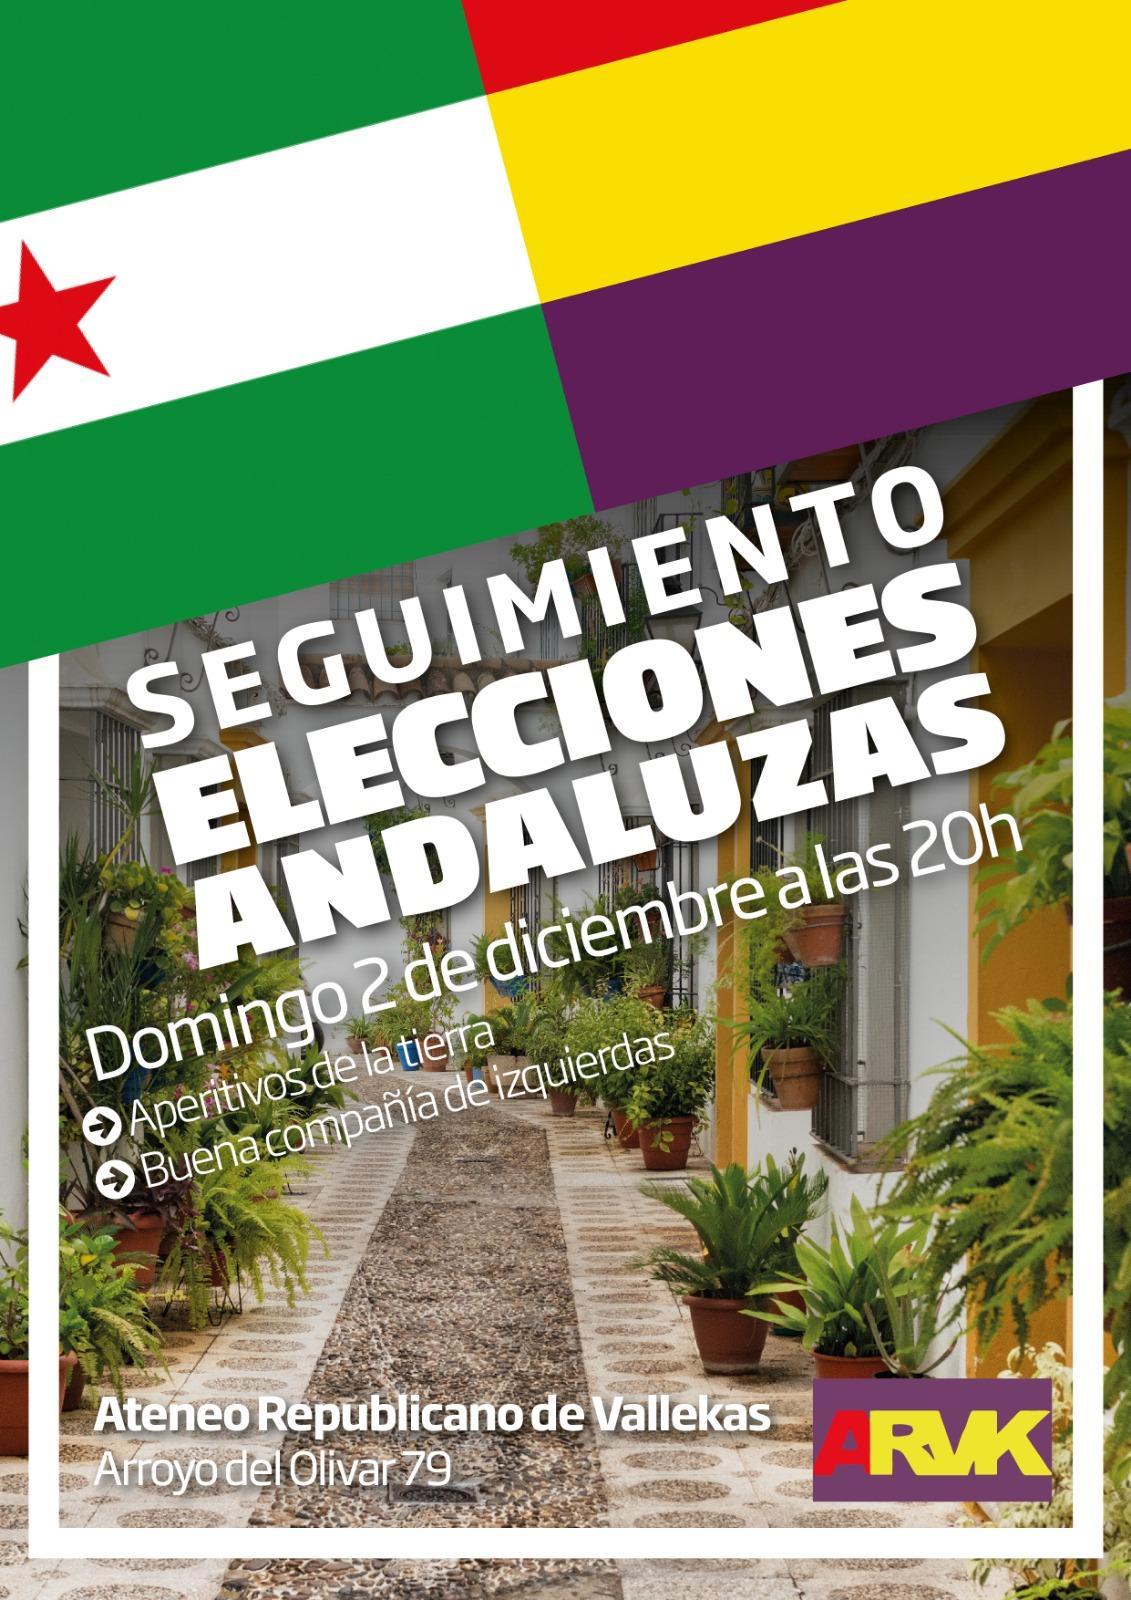 seguimiento elecciones andaluzas